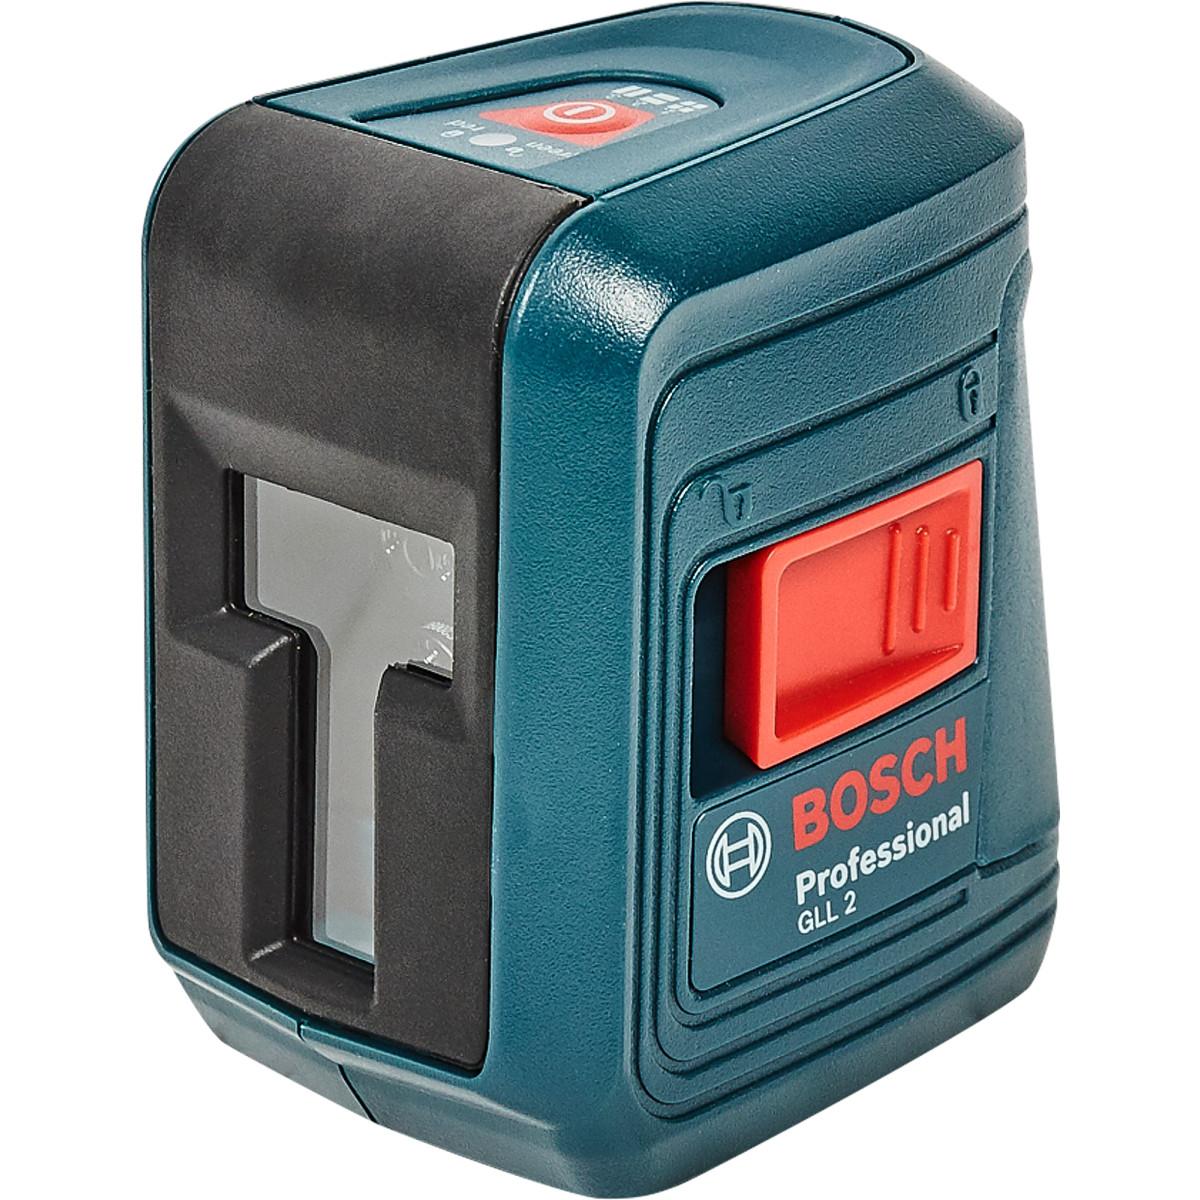 Лазерный нивелир Bosch GLL 2 дальность до 10 м